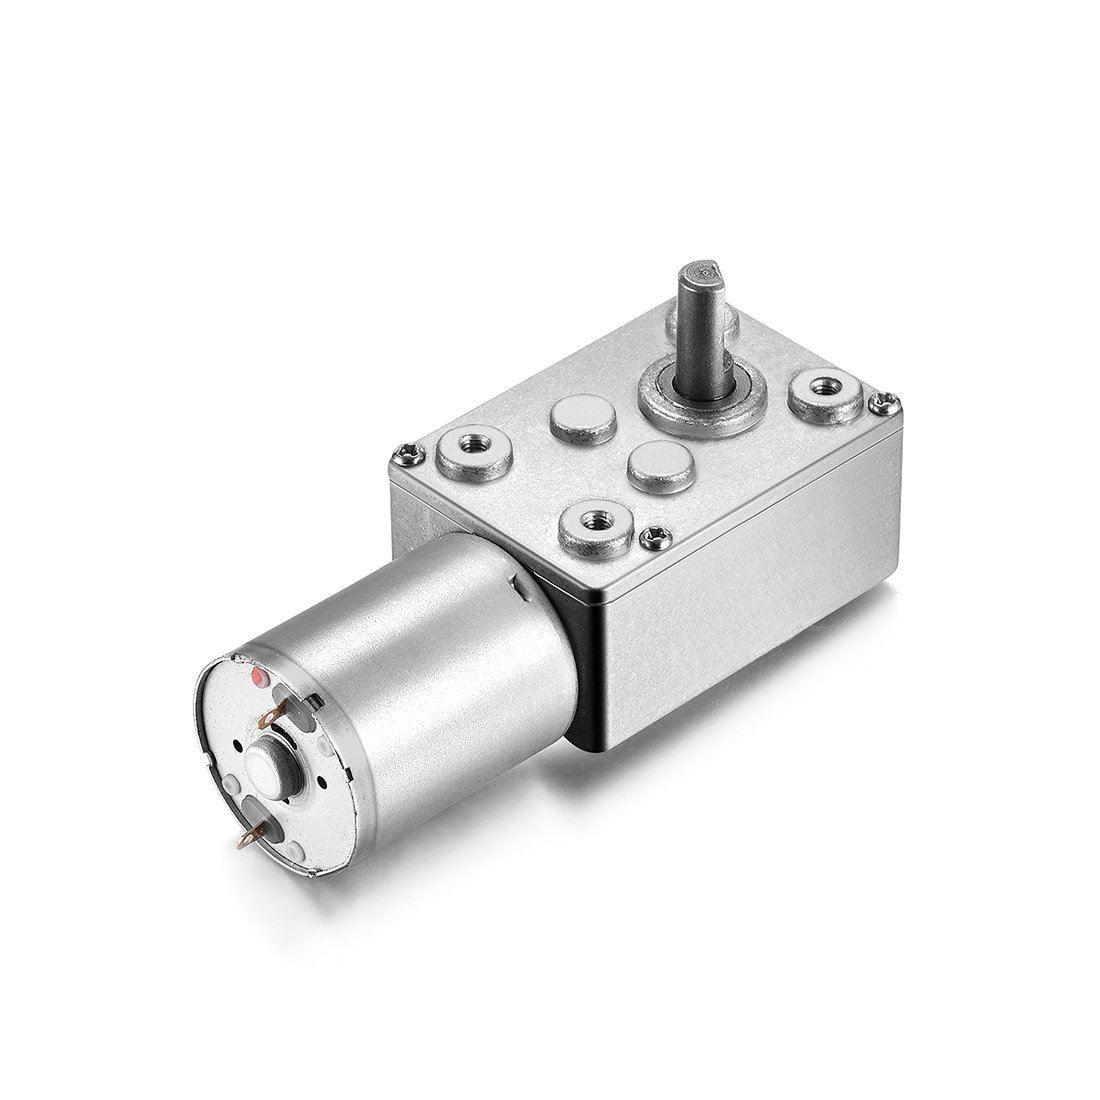 DC 24V 1RPM Worm Gear Motor 6mm Shaft High Torque Turbine Reducer rs555 dc hobby motor turbine generator 12 v 5500rpm high torque